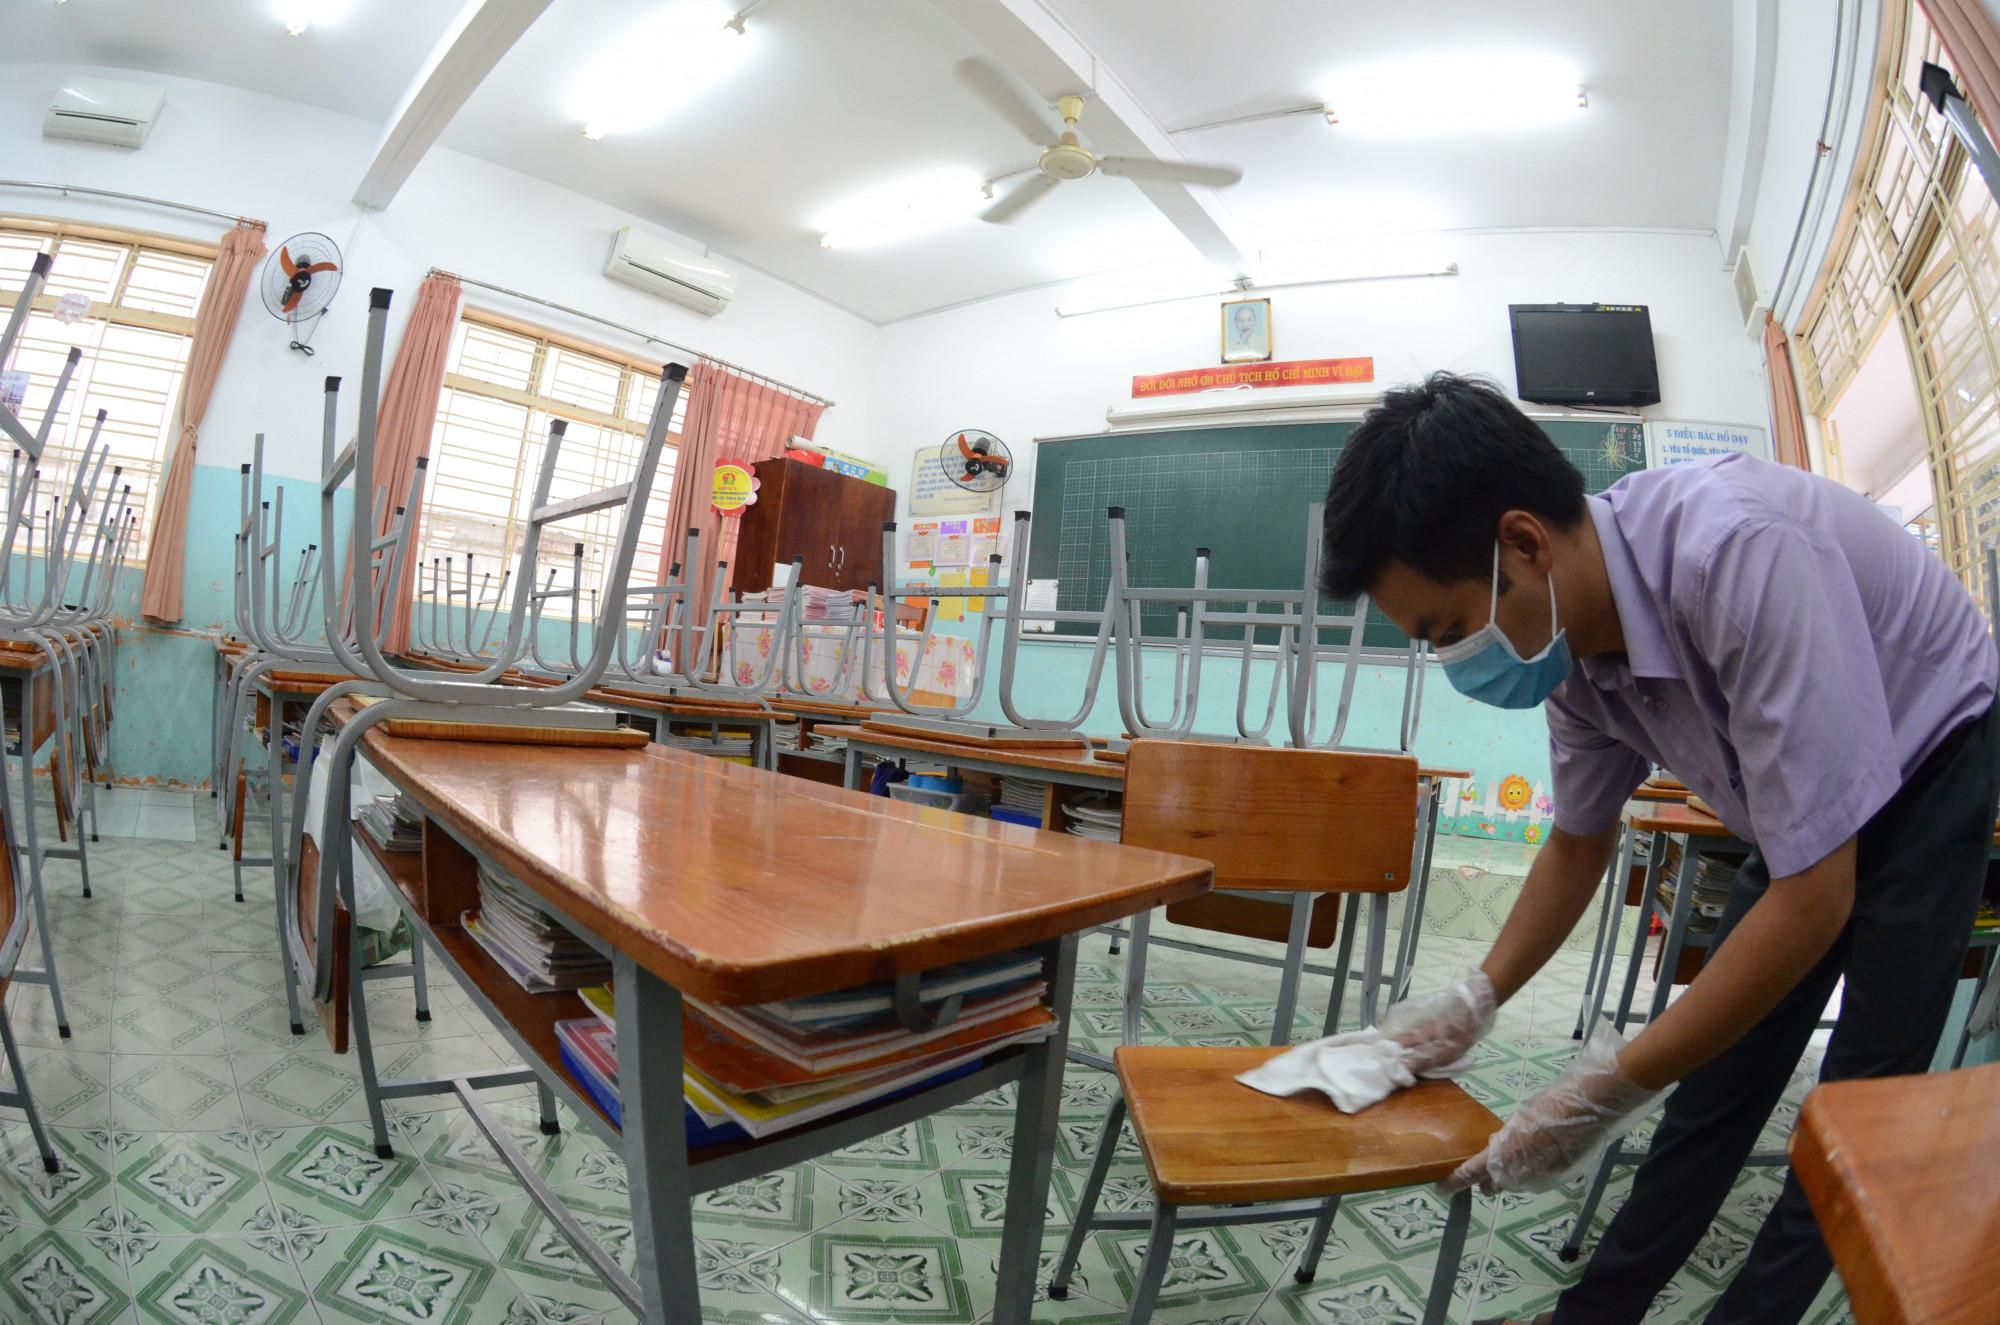 Trường học tại TP.HCM vệ sinh sạch sẽ trường lớp trước khi đón học sinh trở lại trường vào ngày 3/2. Ảnh: Phùng Huy